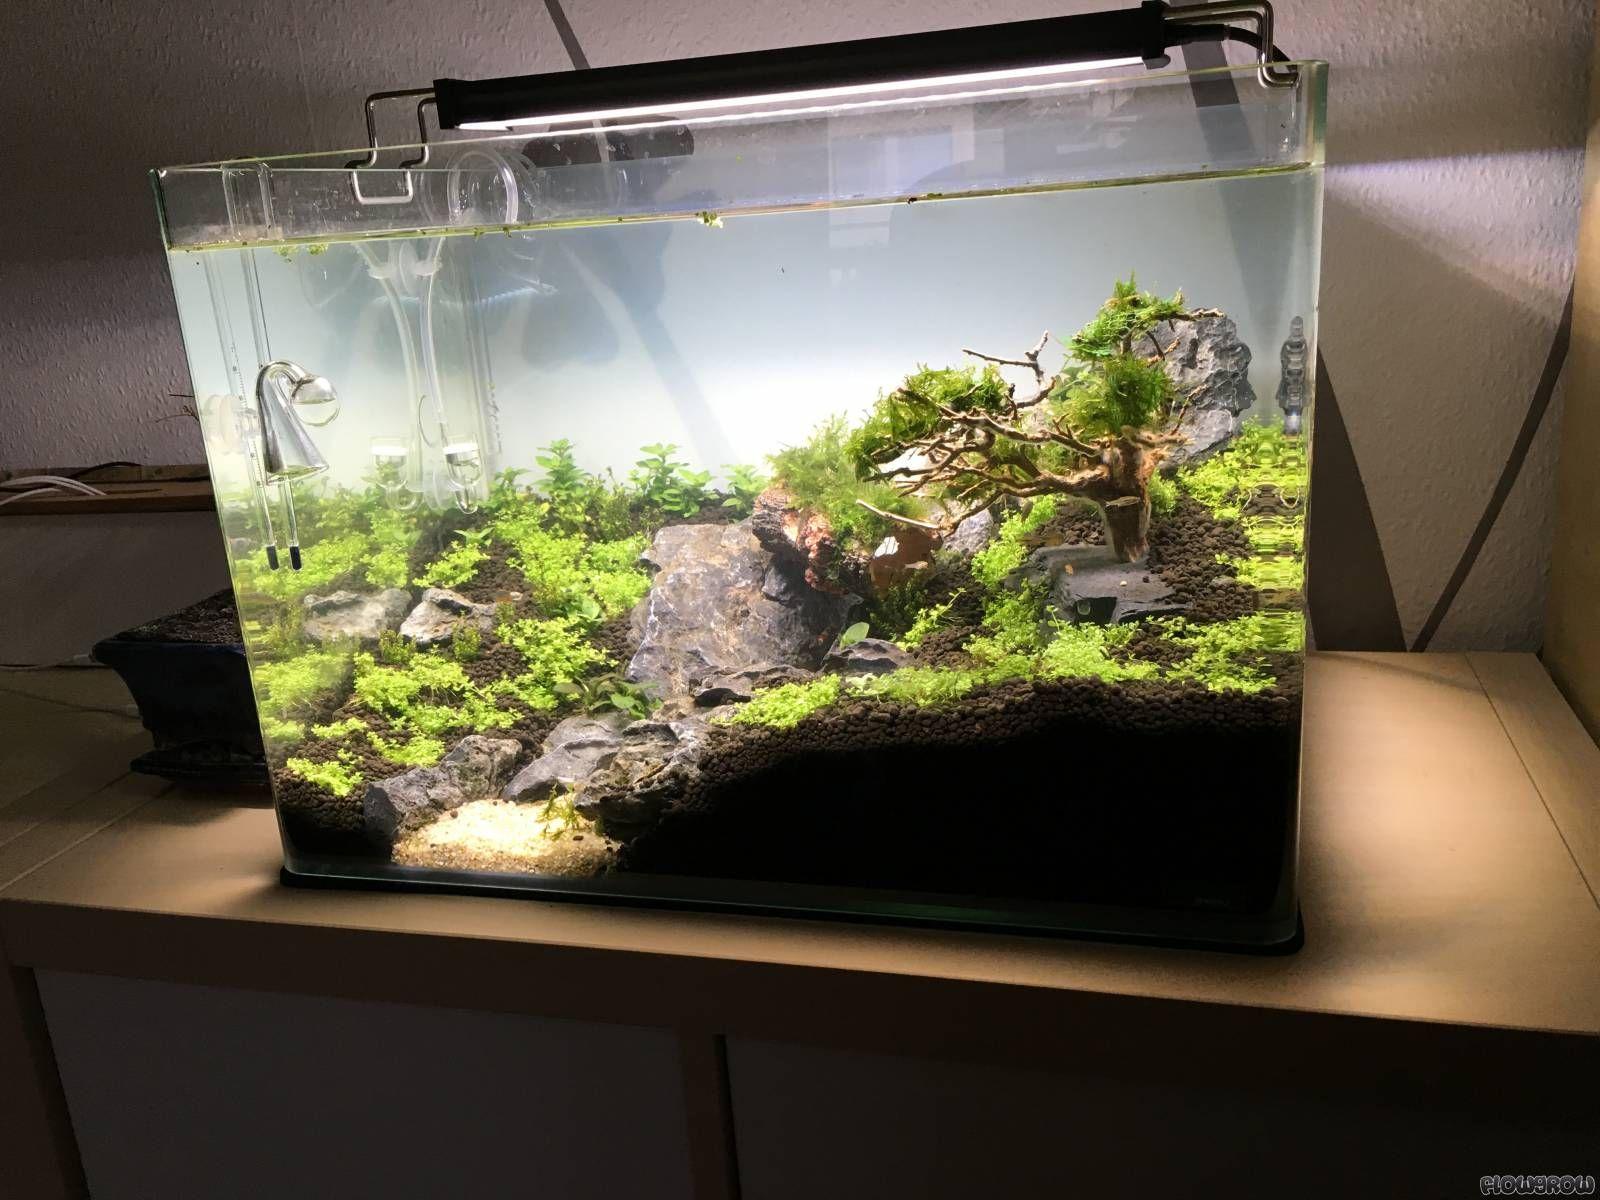 35b2fee0b63d1265ea58b6d97621764a Frais De Aquarium Amazonien Concept